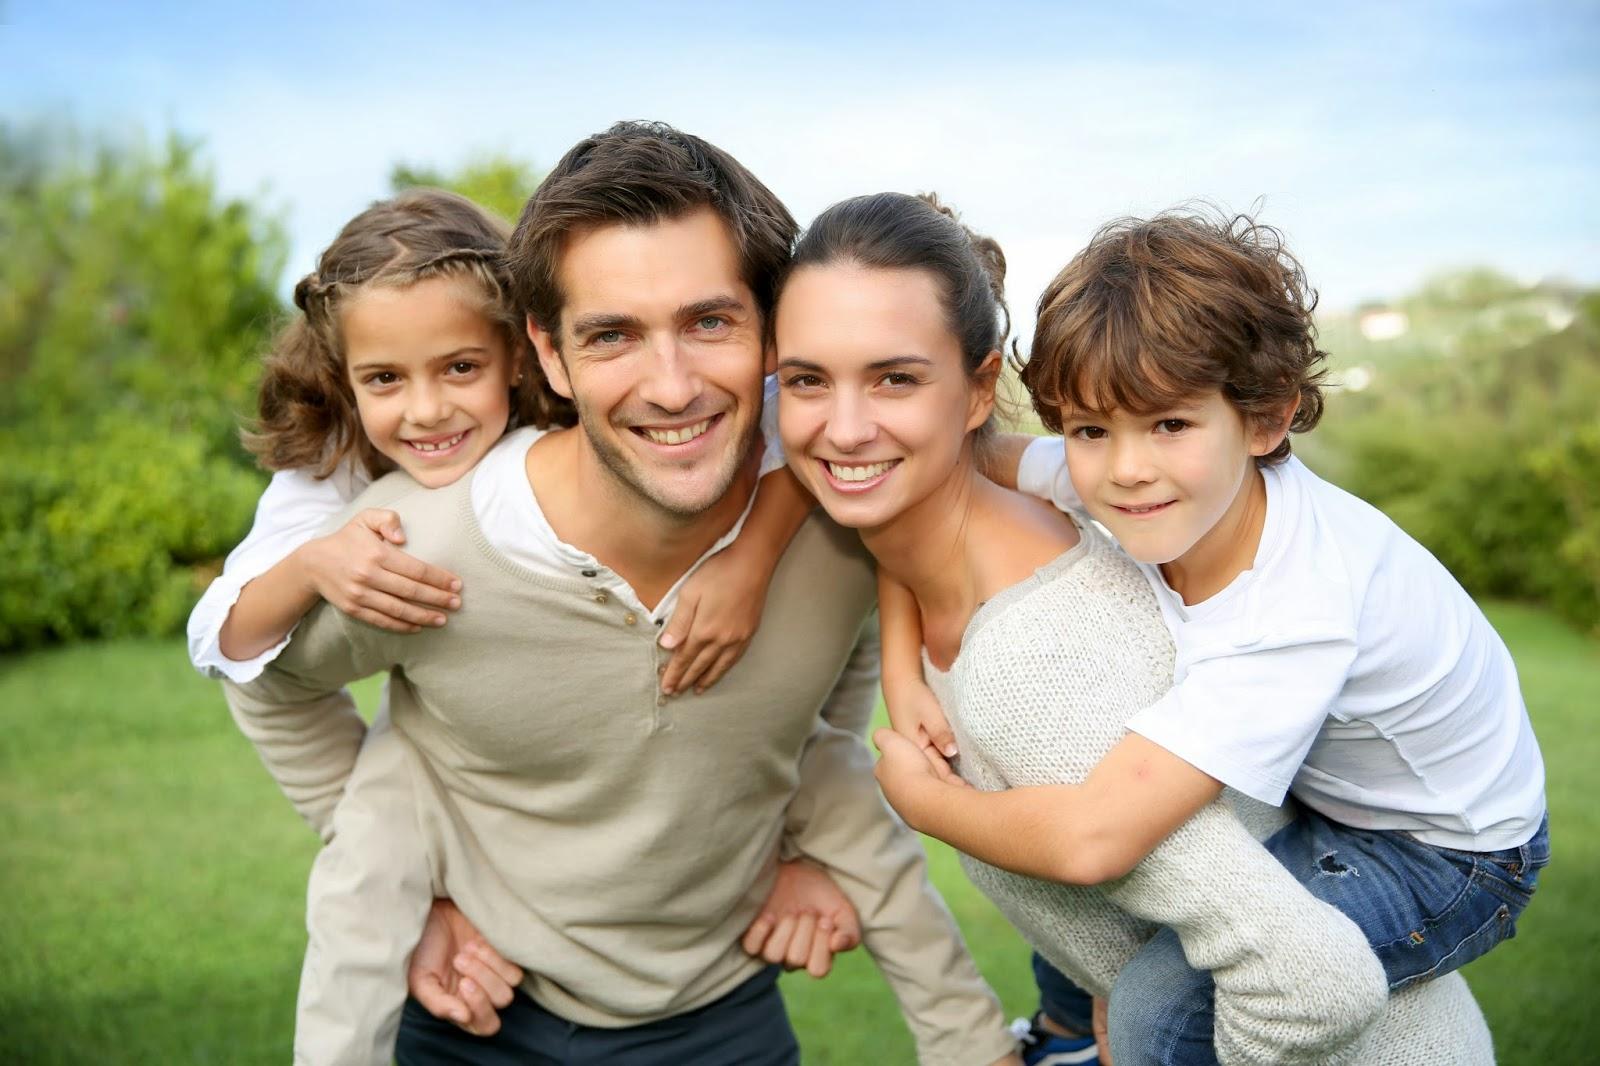 Дети учатся любви, наблюдая за родителями - 1